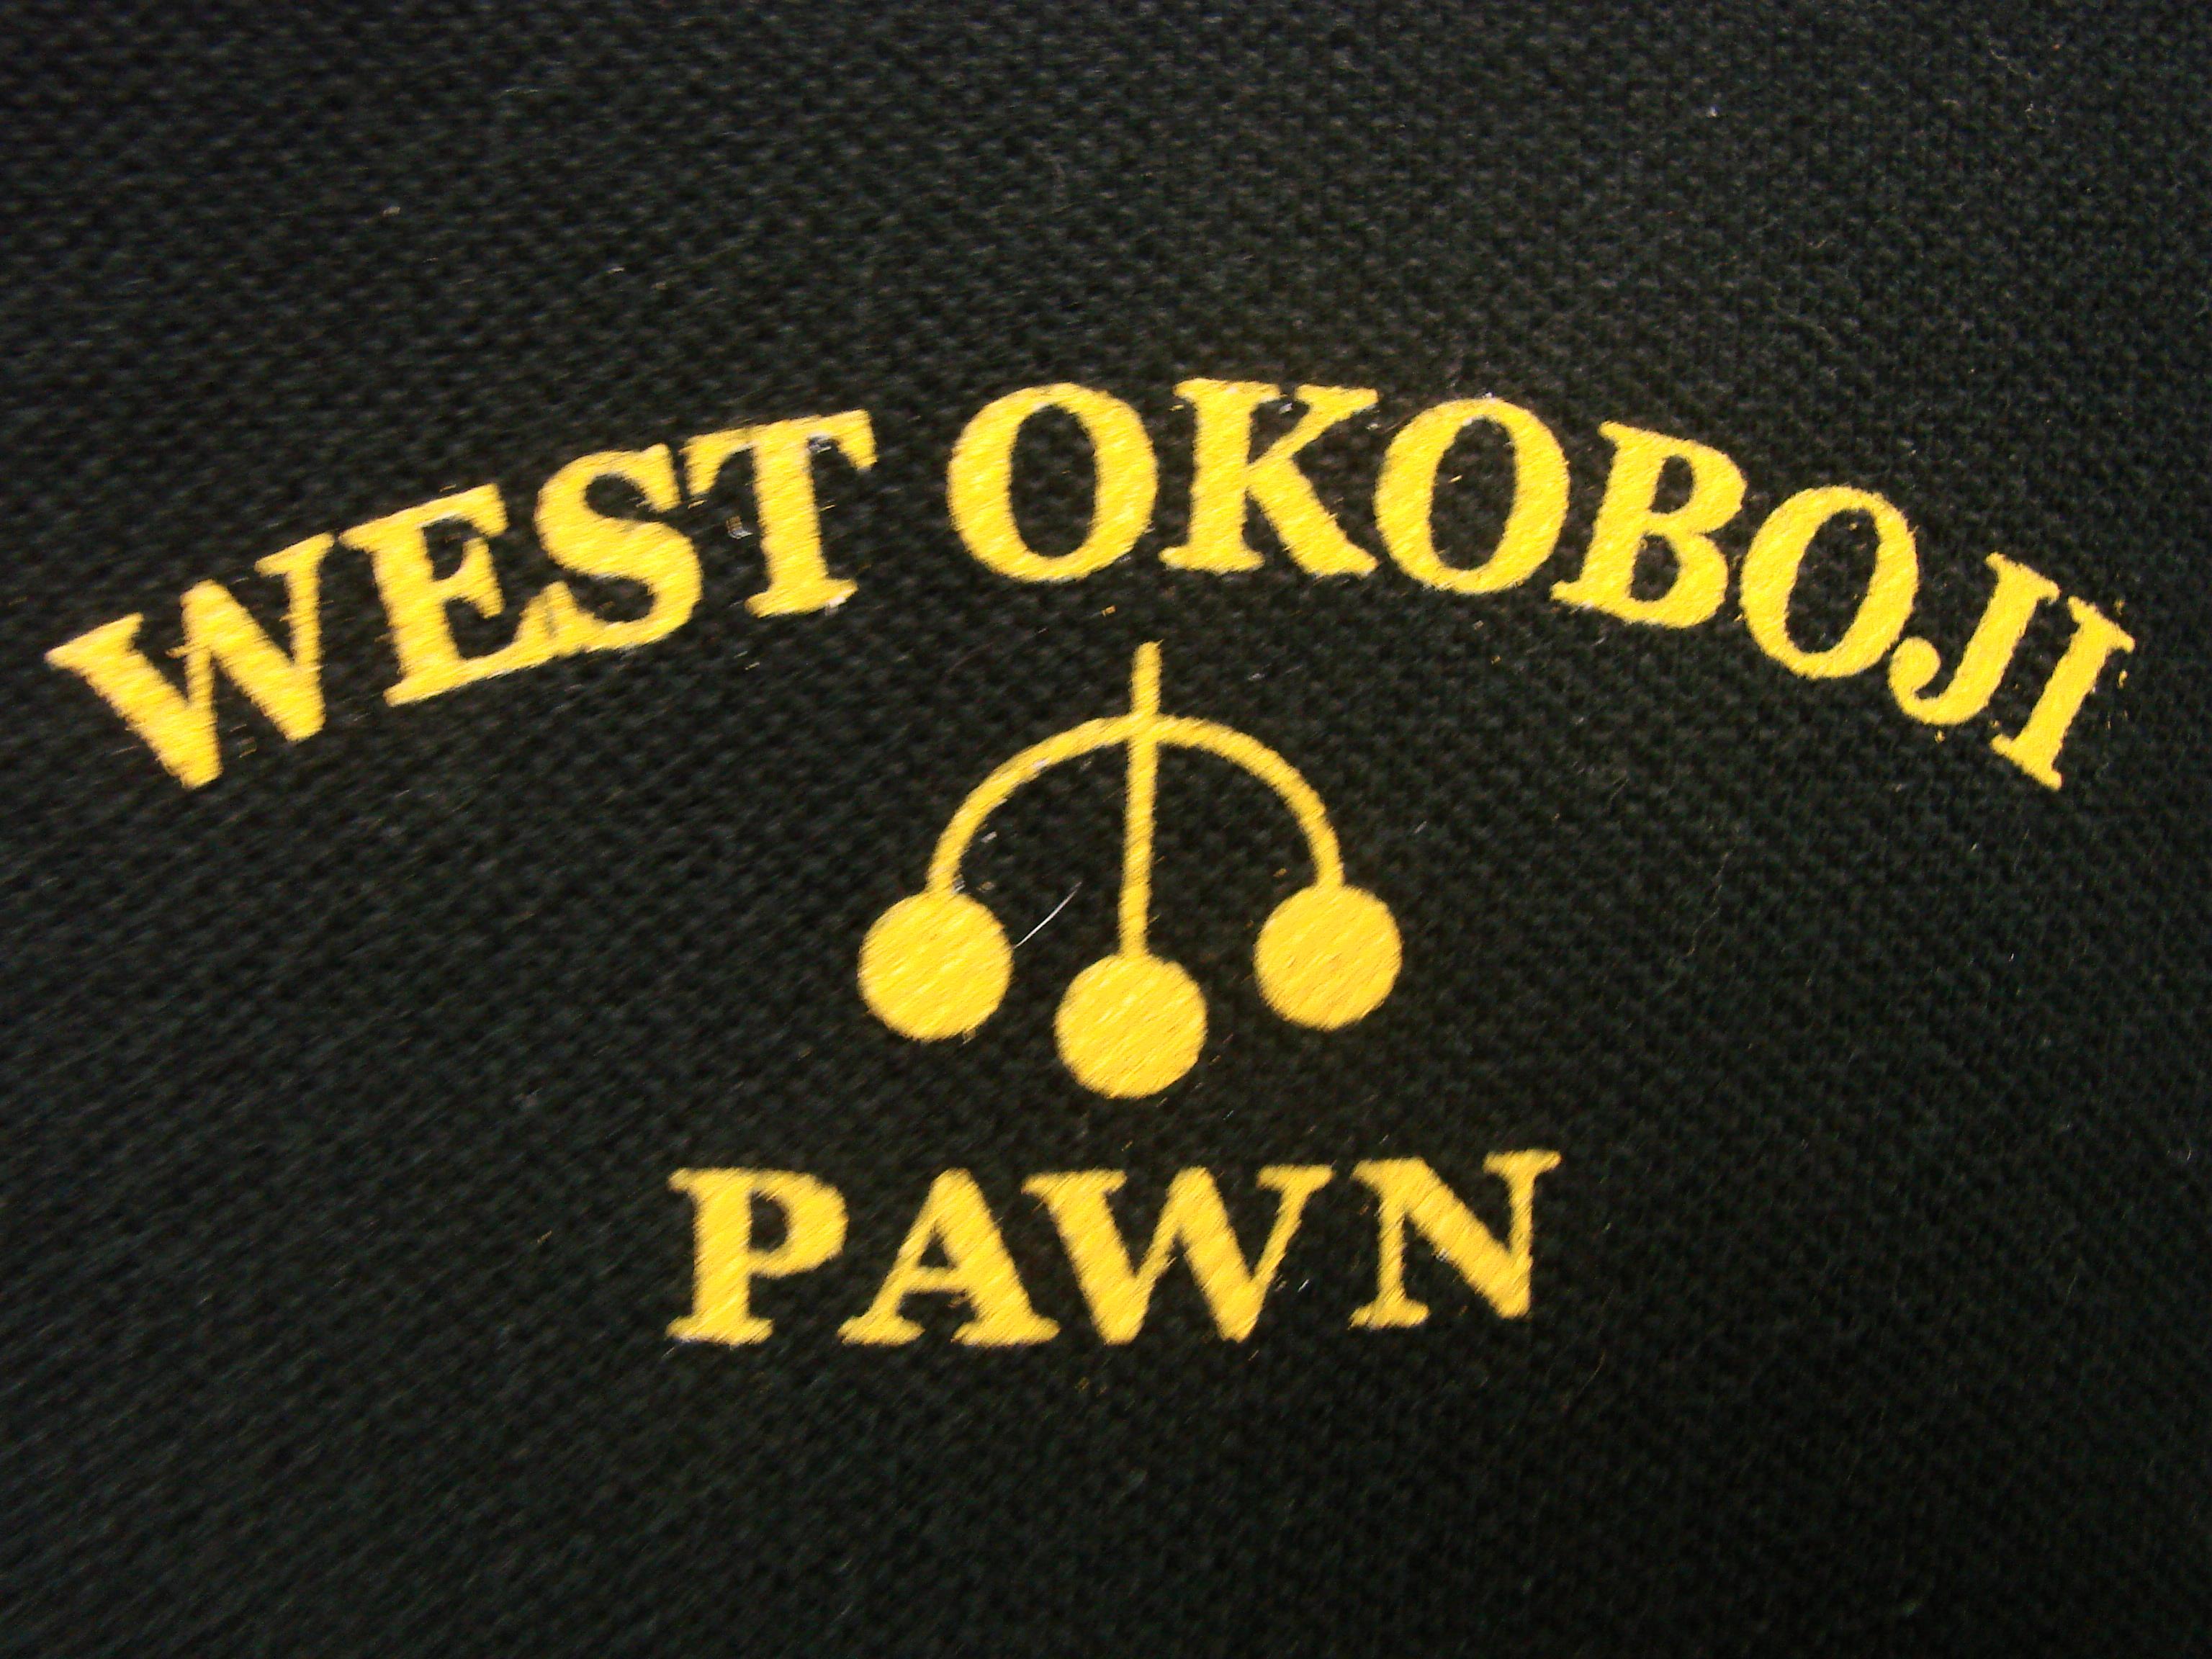 West Okoboji Pawn